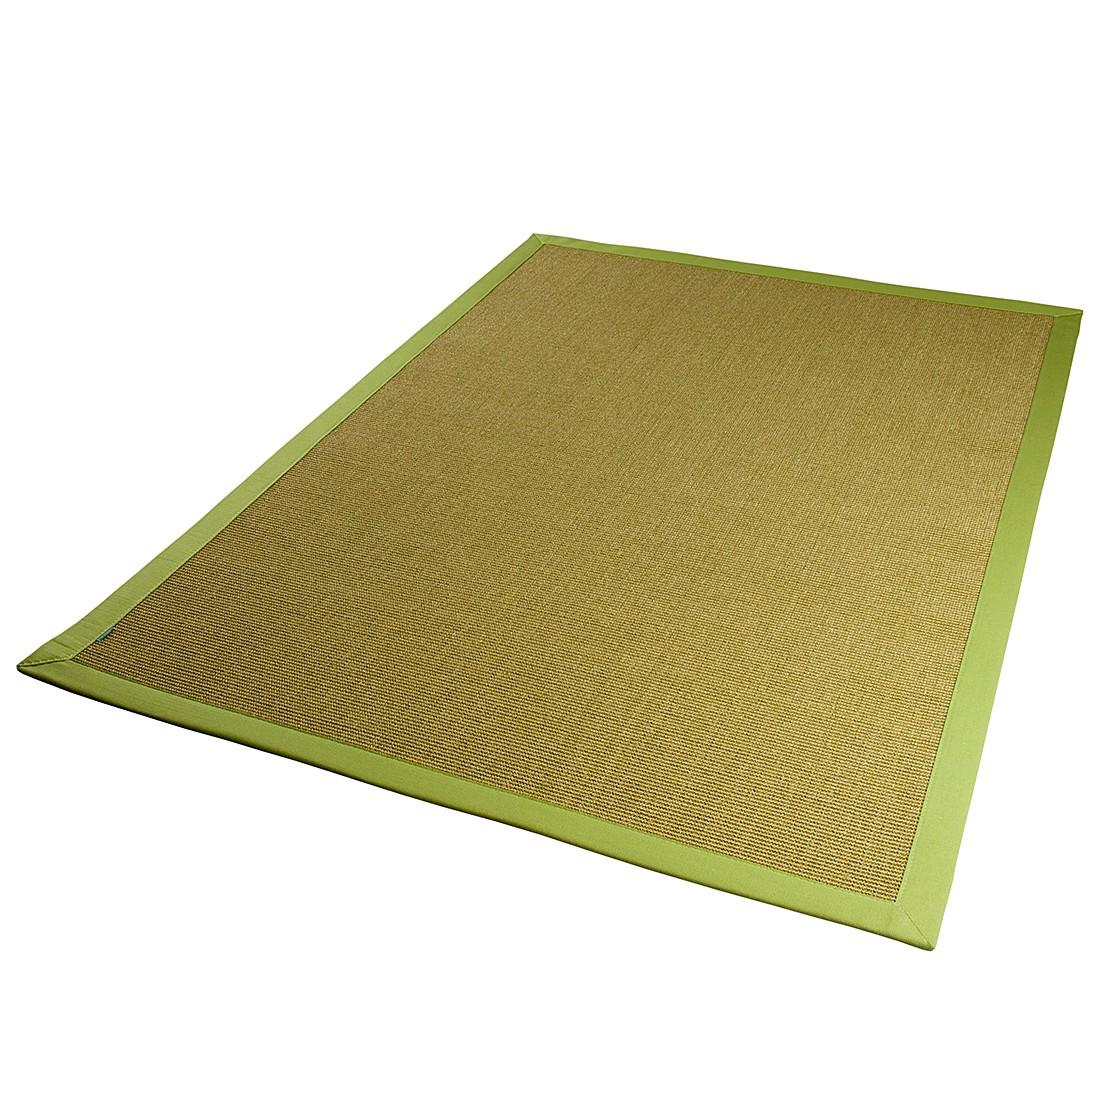 Teppich Mara A2 – Avocado – 170 x 230 cm, DEKOWE günstig bestellen